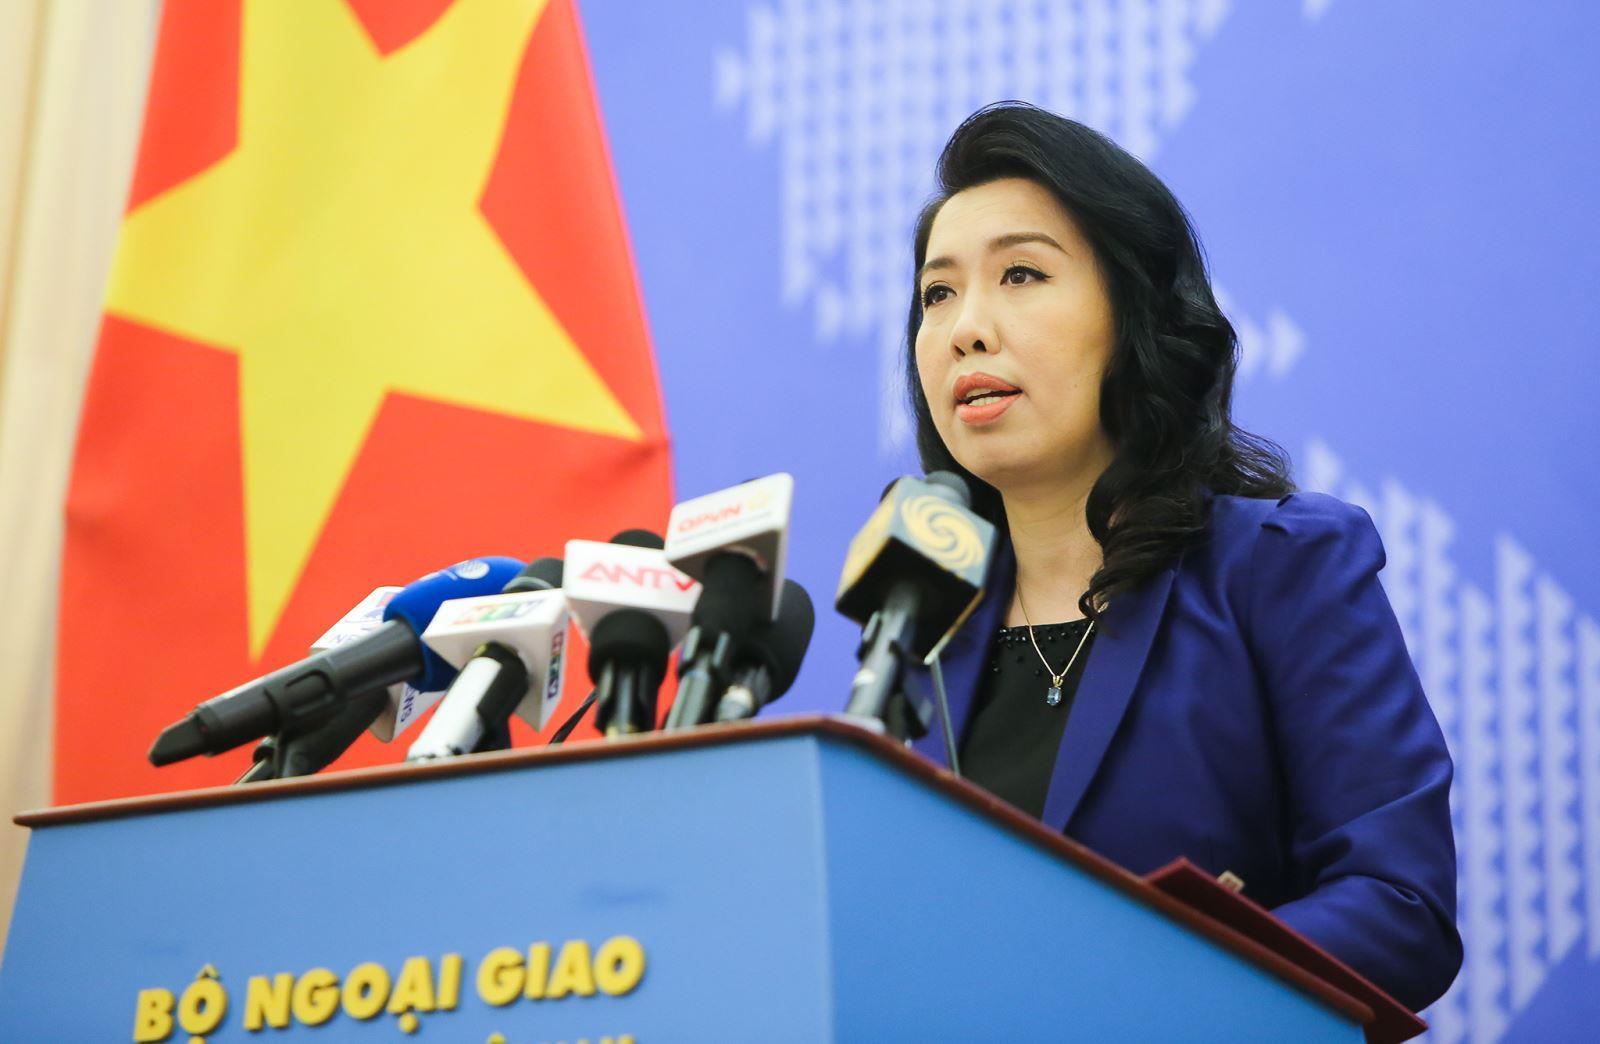 Bác bỏ phát biểu liên quan đến Việt Nam của Bộ Ngoại giao Trung Quốc